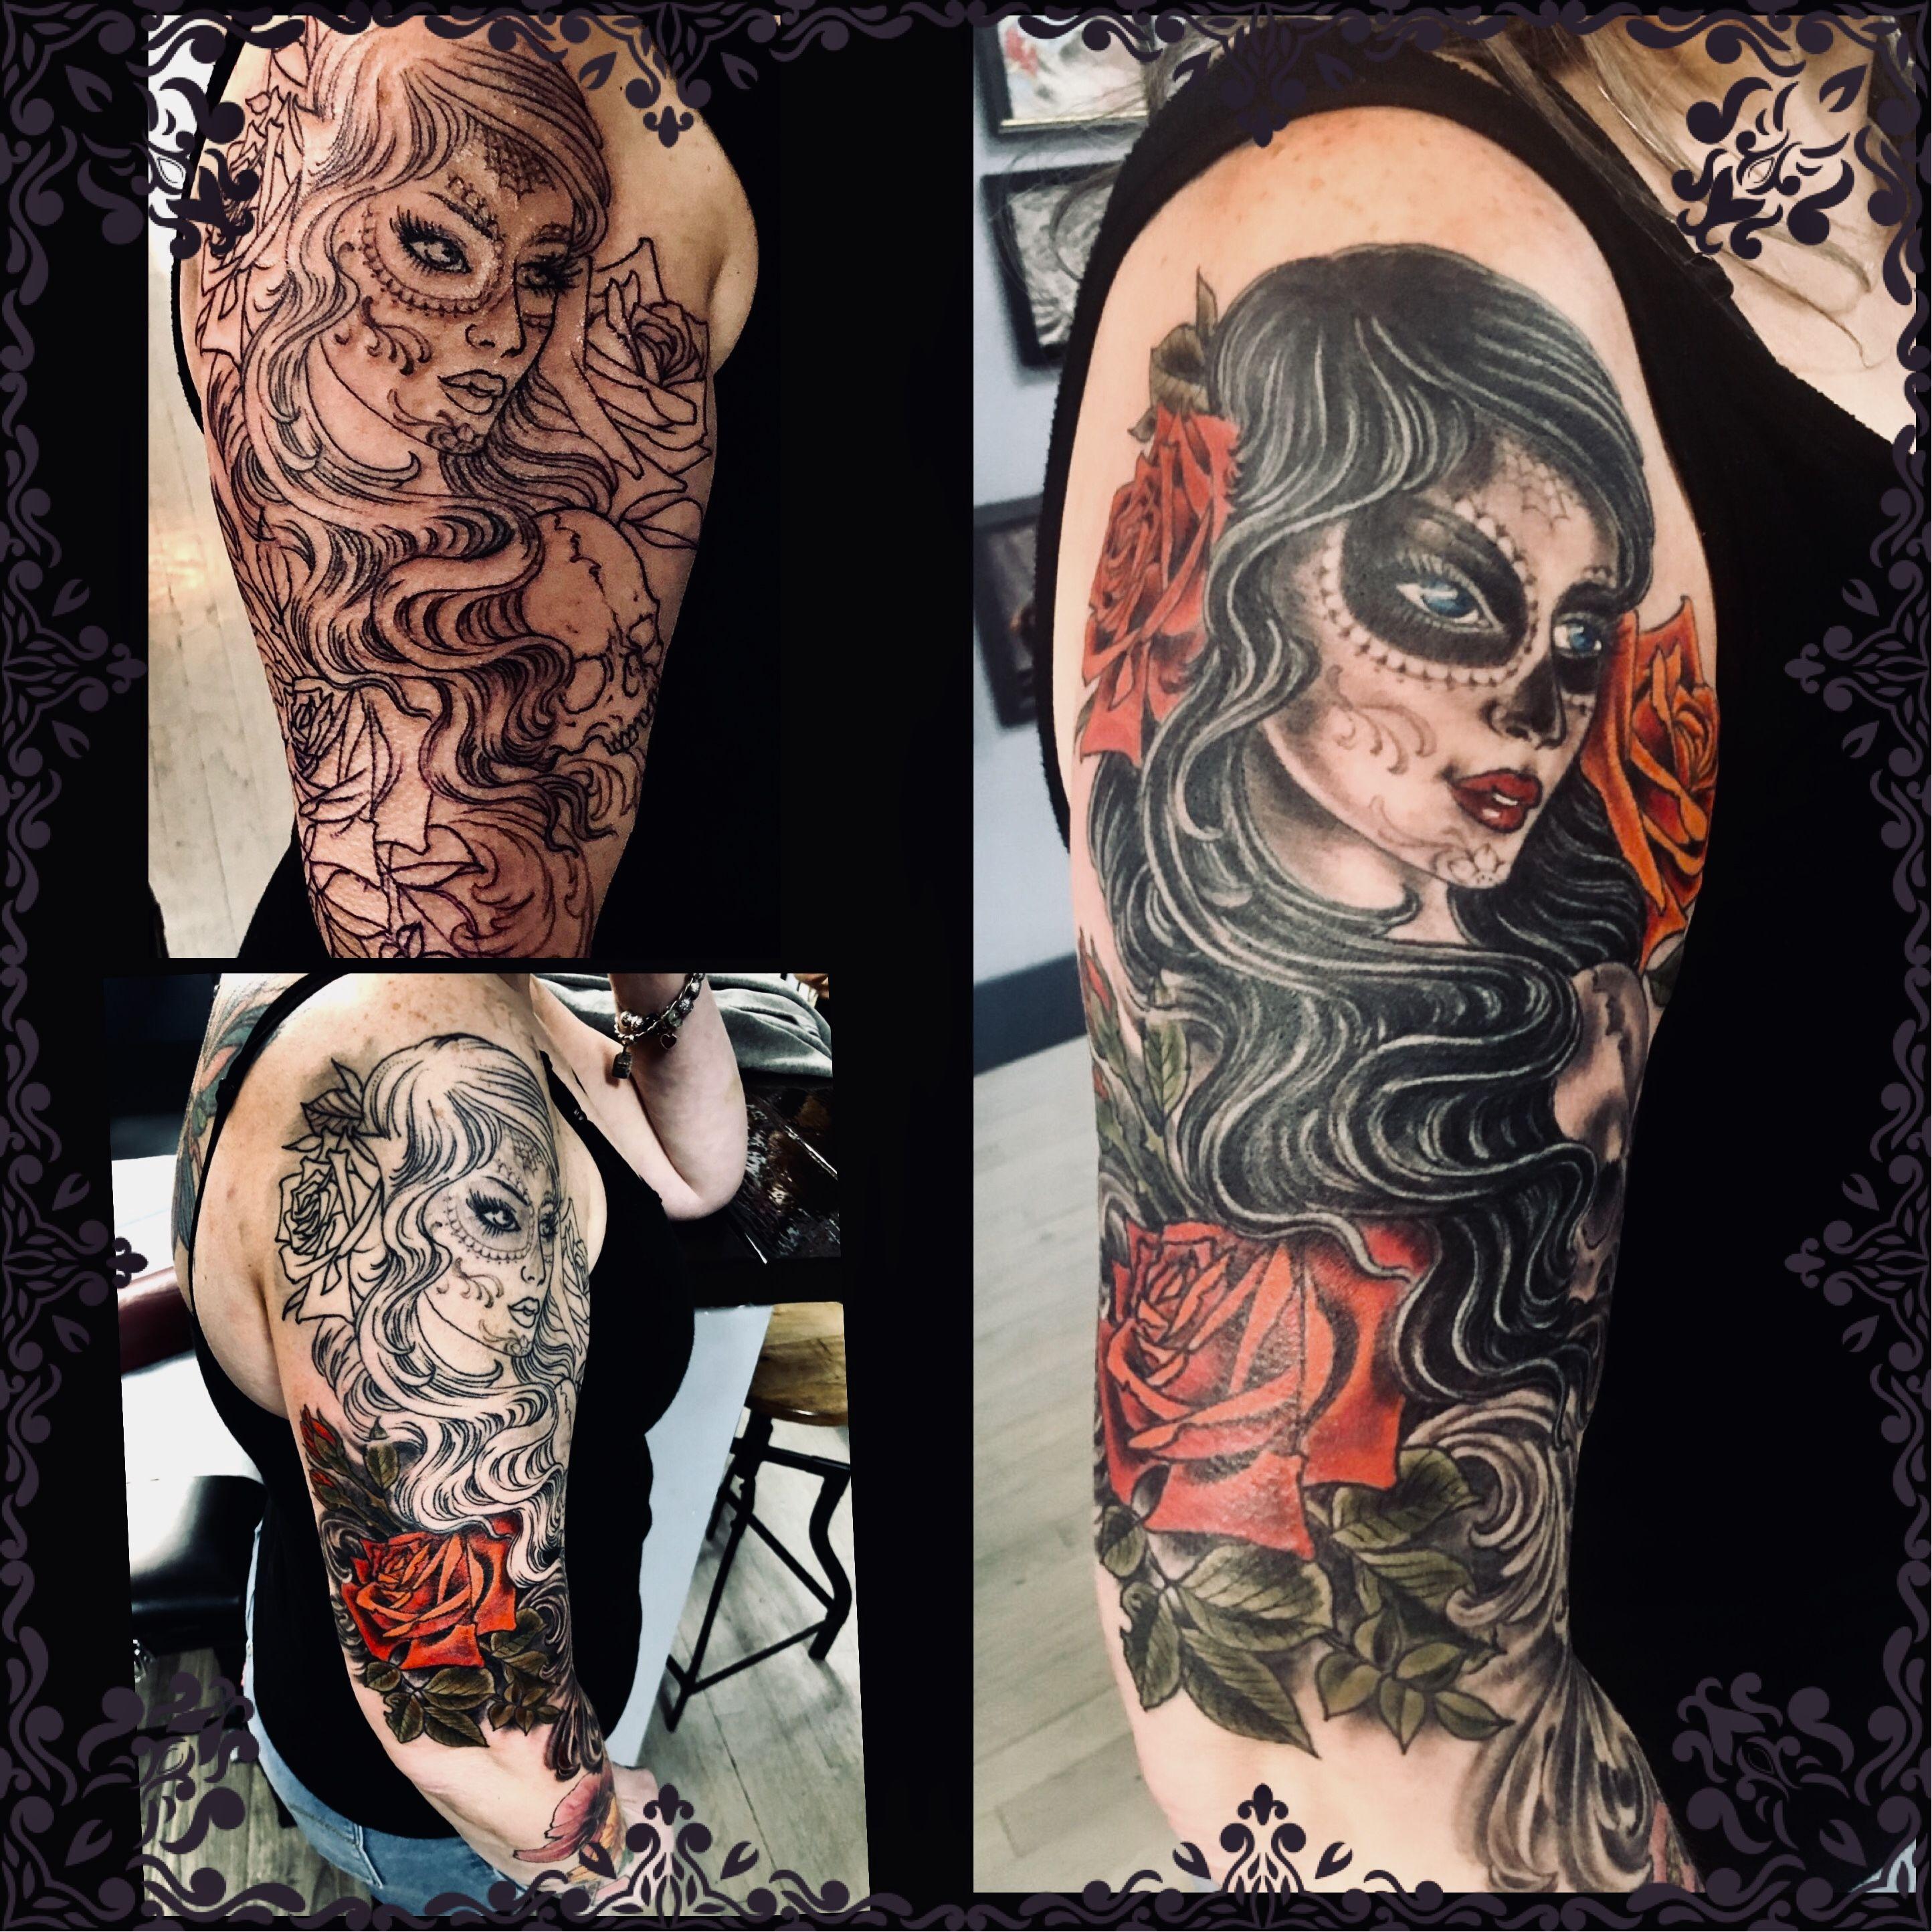 #tattooedwomen #rosetatto #dayofthedeadtattoo #girlswithtattoos #loyaltytattoony #erikdesmondtattoo #skulltattoo #tattooscool #ilovemytattoo